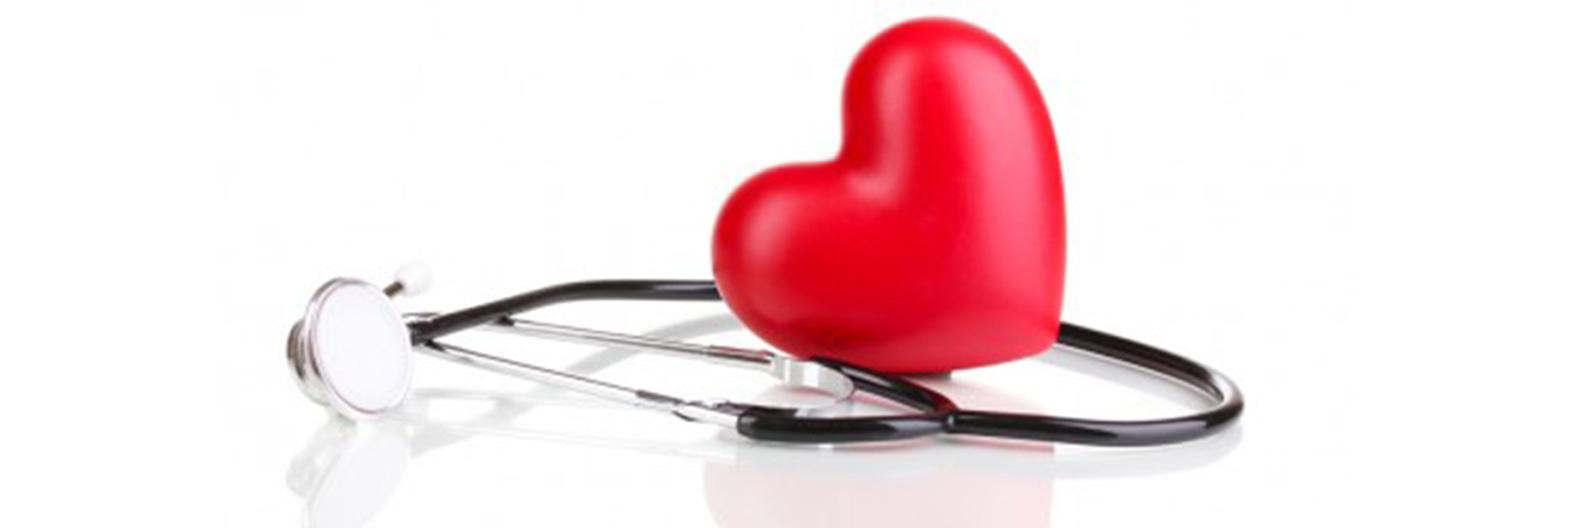 pirminės hipertenzijos priežastis šlapimo vaistai nuo hipertenzijos